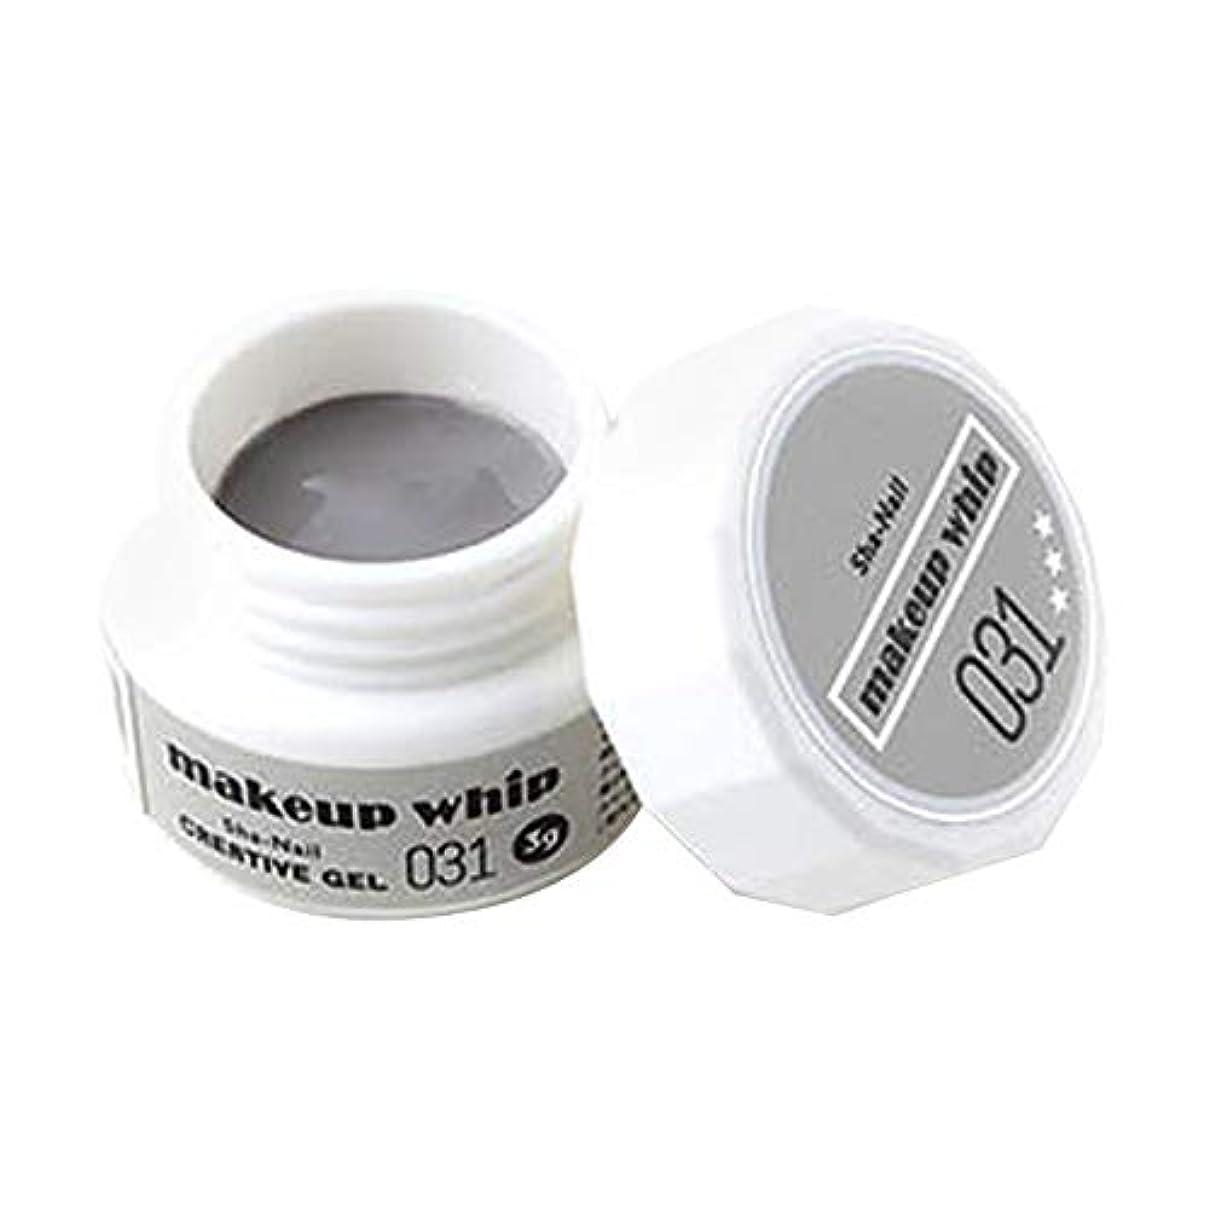 意図するパレード定義Sha-Nail Creative Gel メイクアップホイップカラー 031 マット 3g UV/LED対応